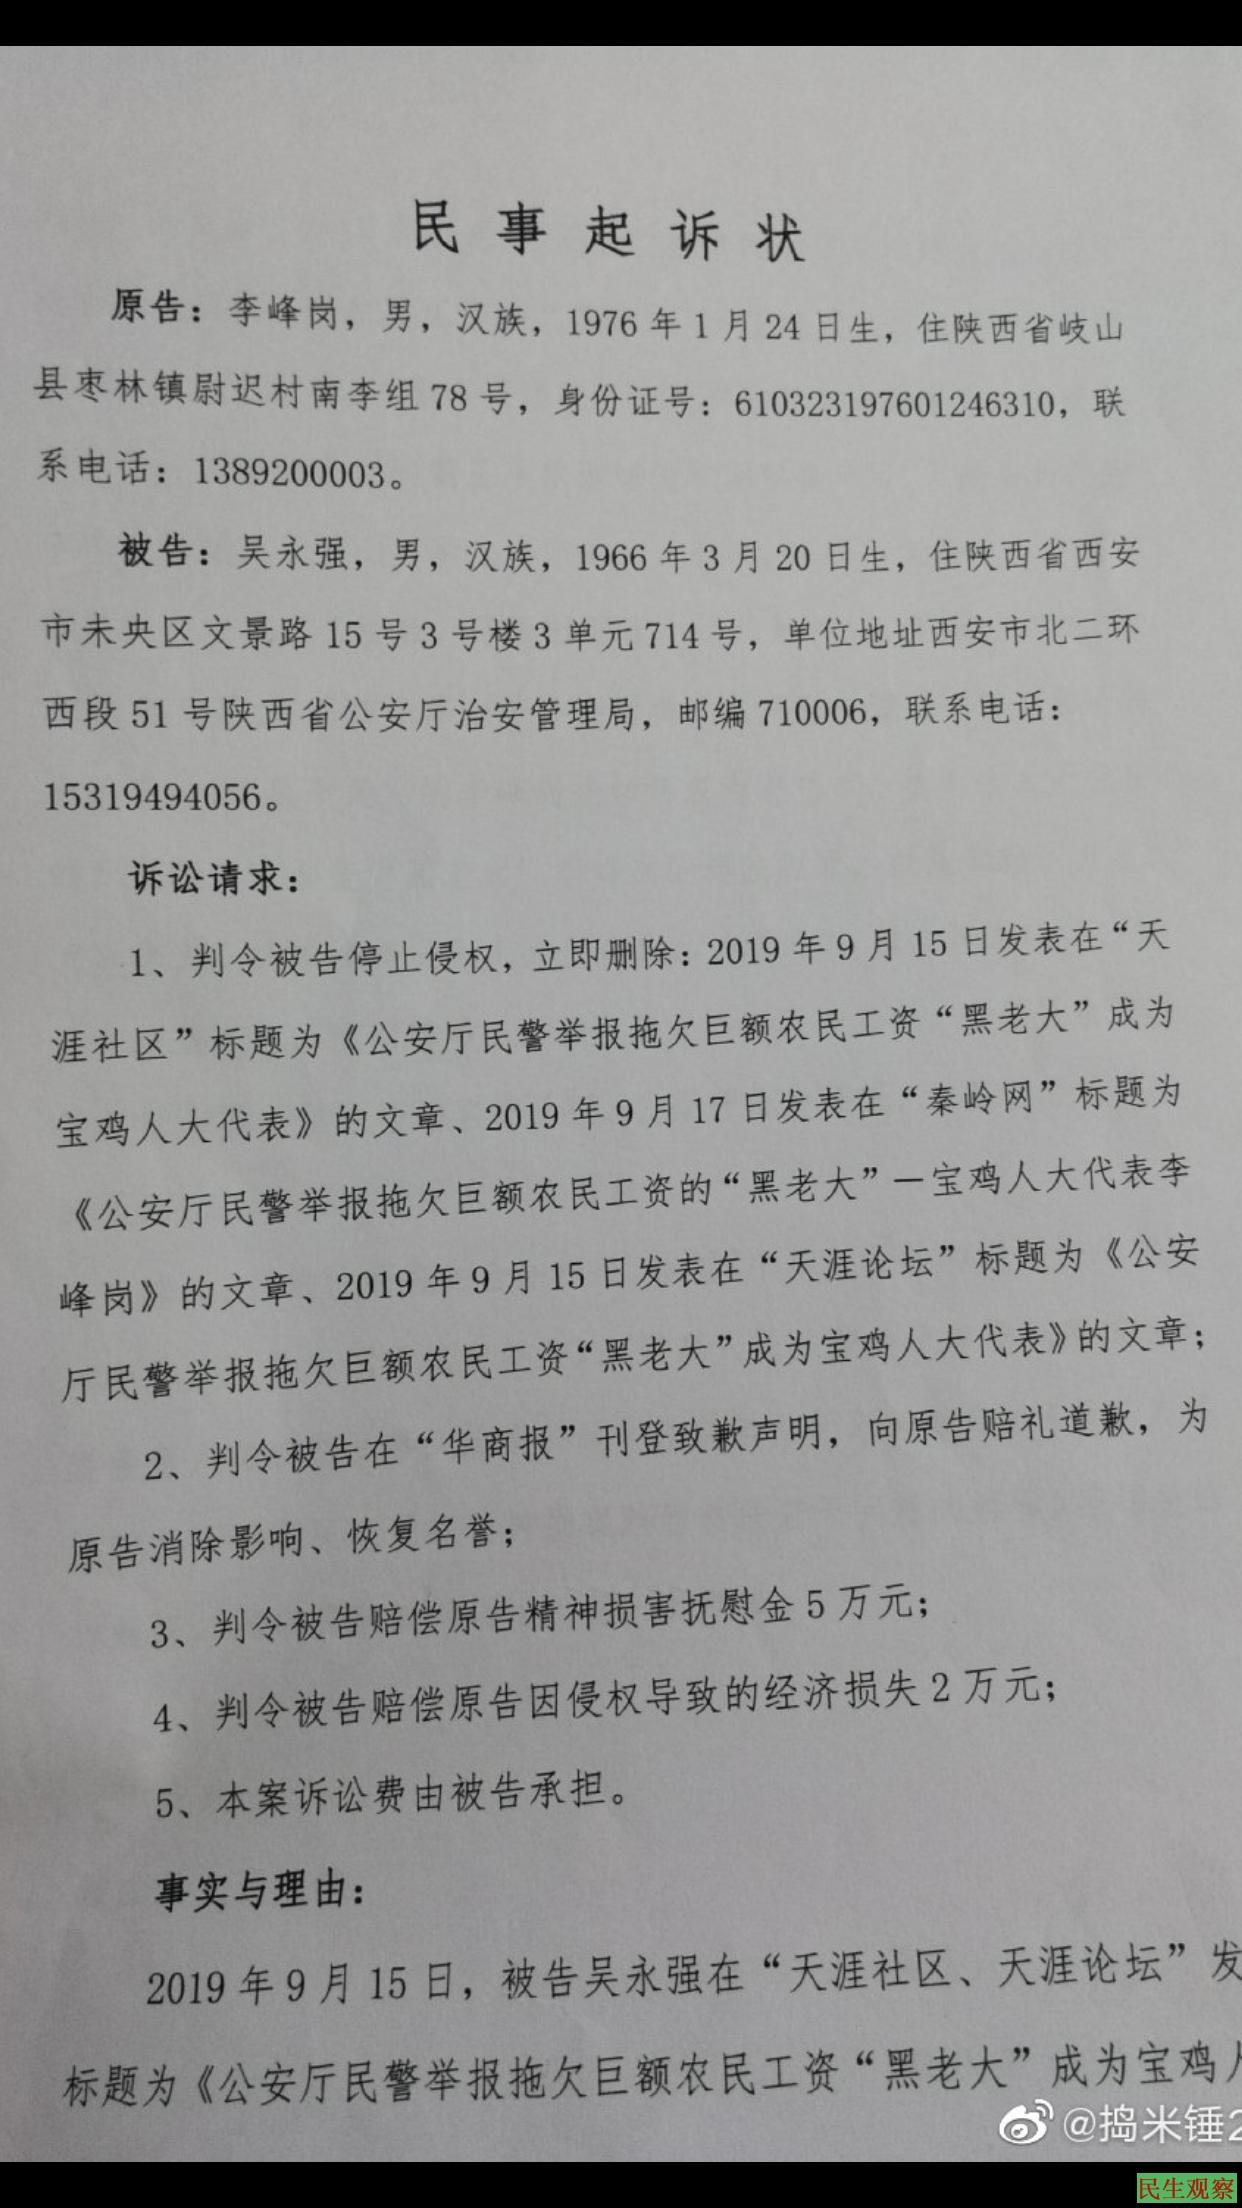 陕西吴永强举报人大代表拖欠农民工工资